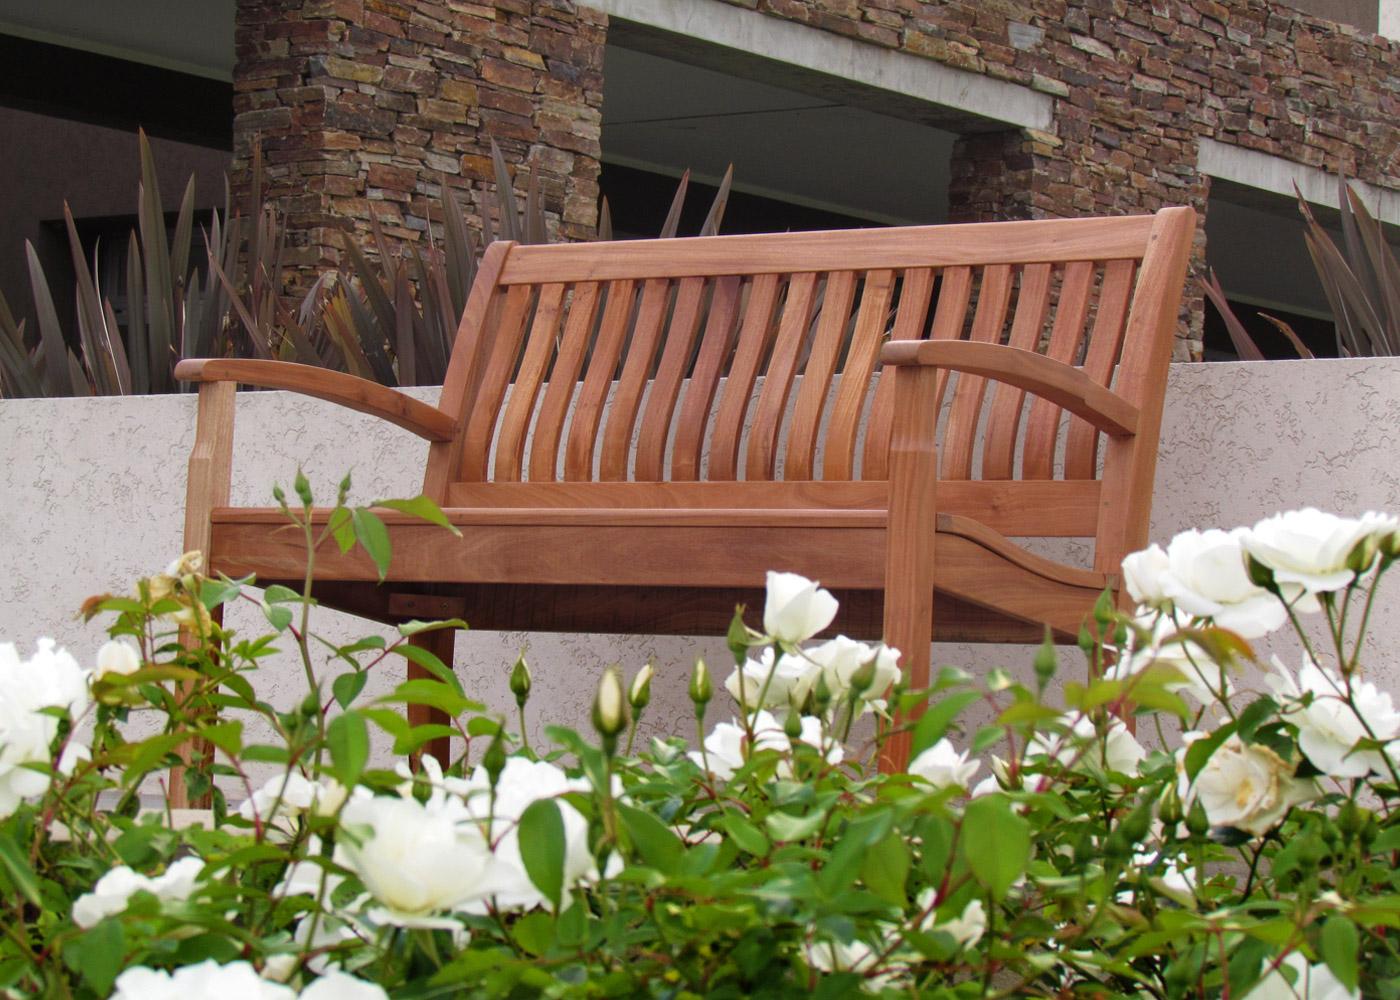 Nekon muebles de jardin obtenga ideas dise o de muebles for Muebles de jardin rosario